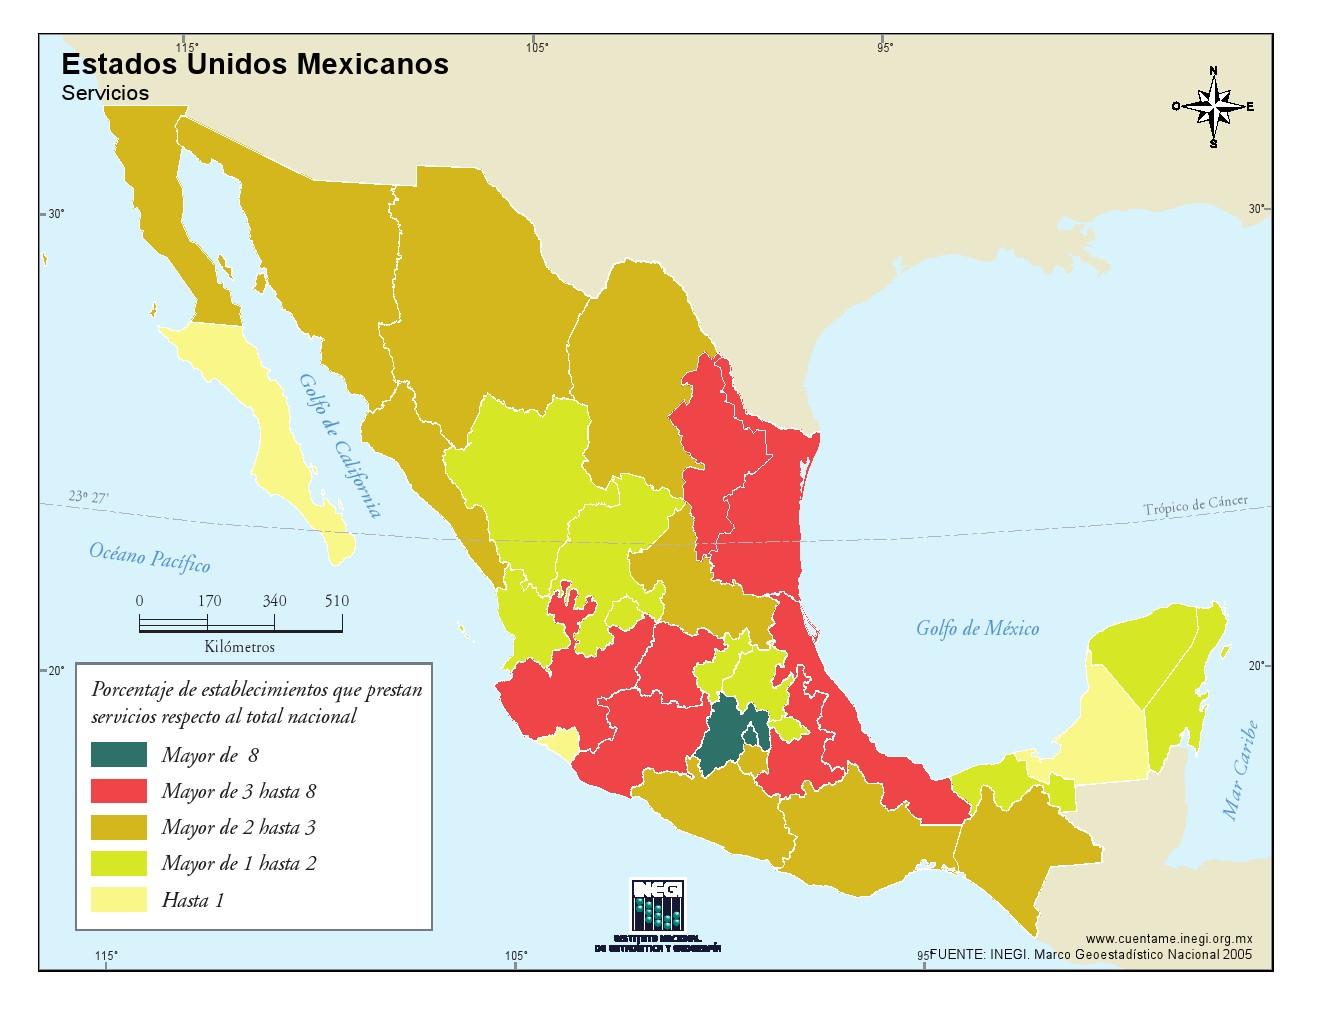 Mapa de servicios de México. INEGI de México